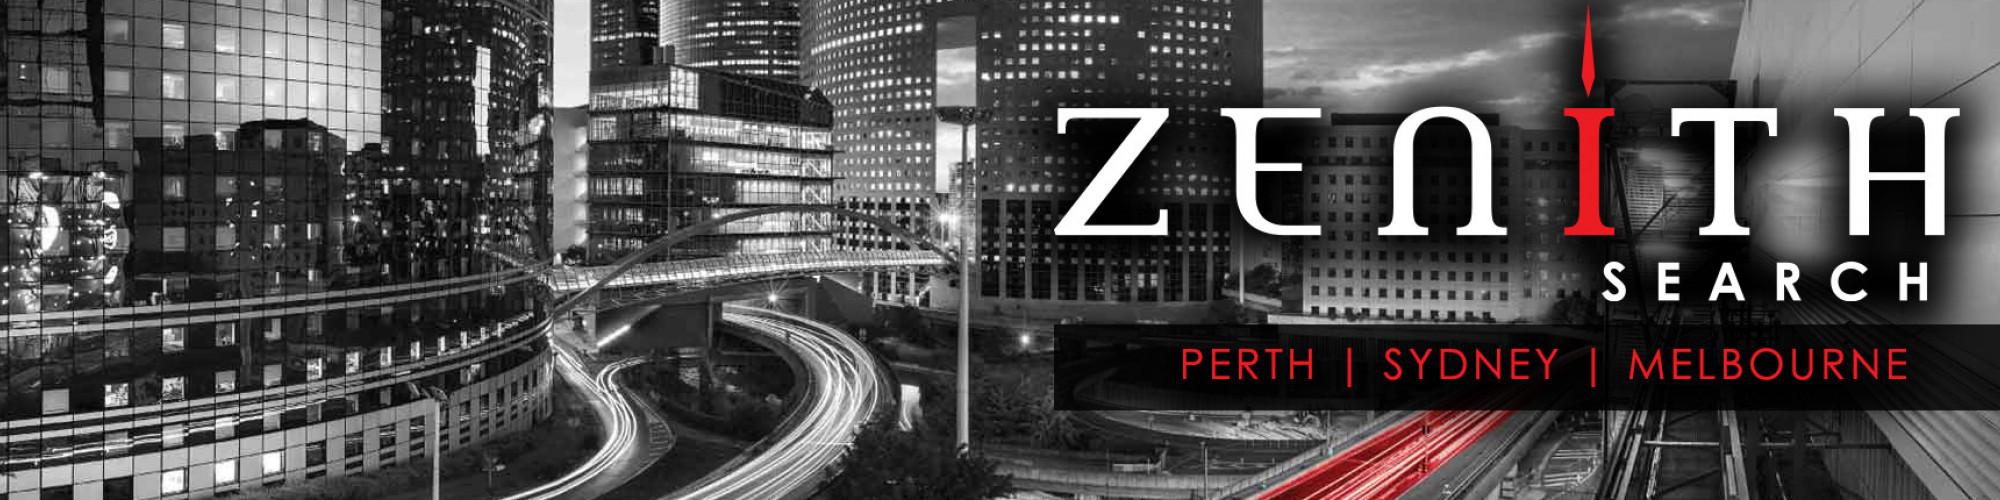 Zenith Executive Search